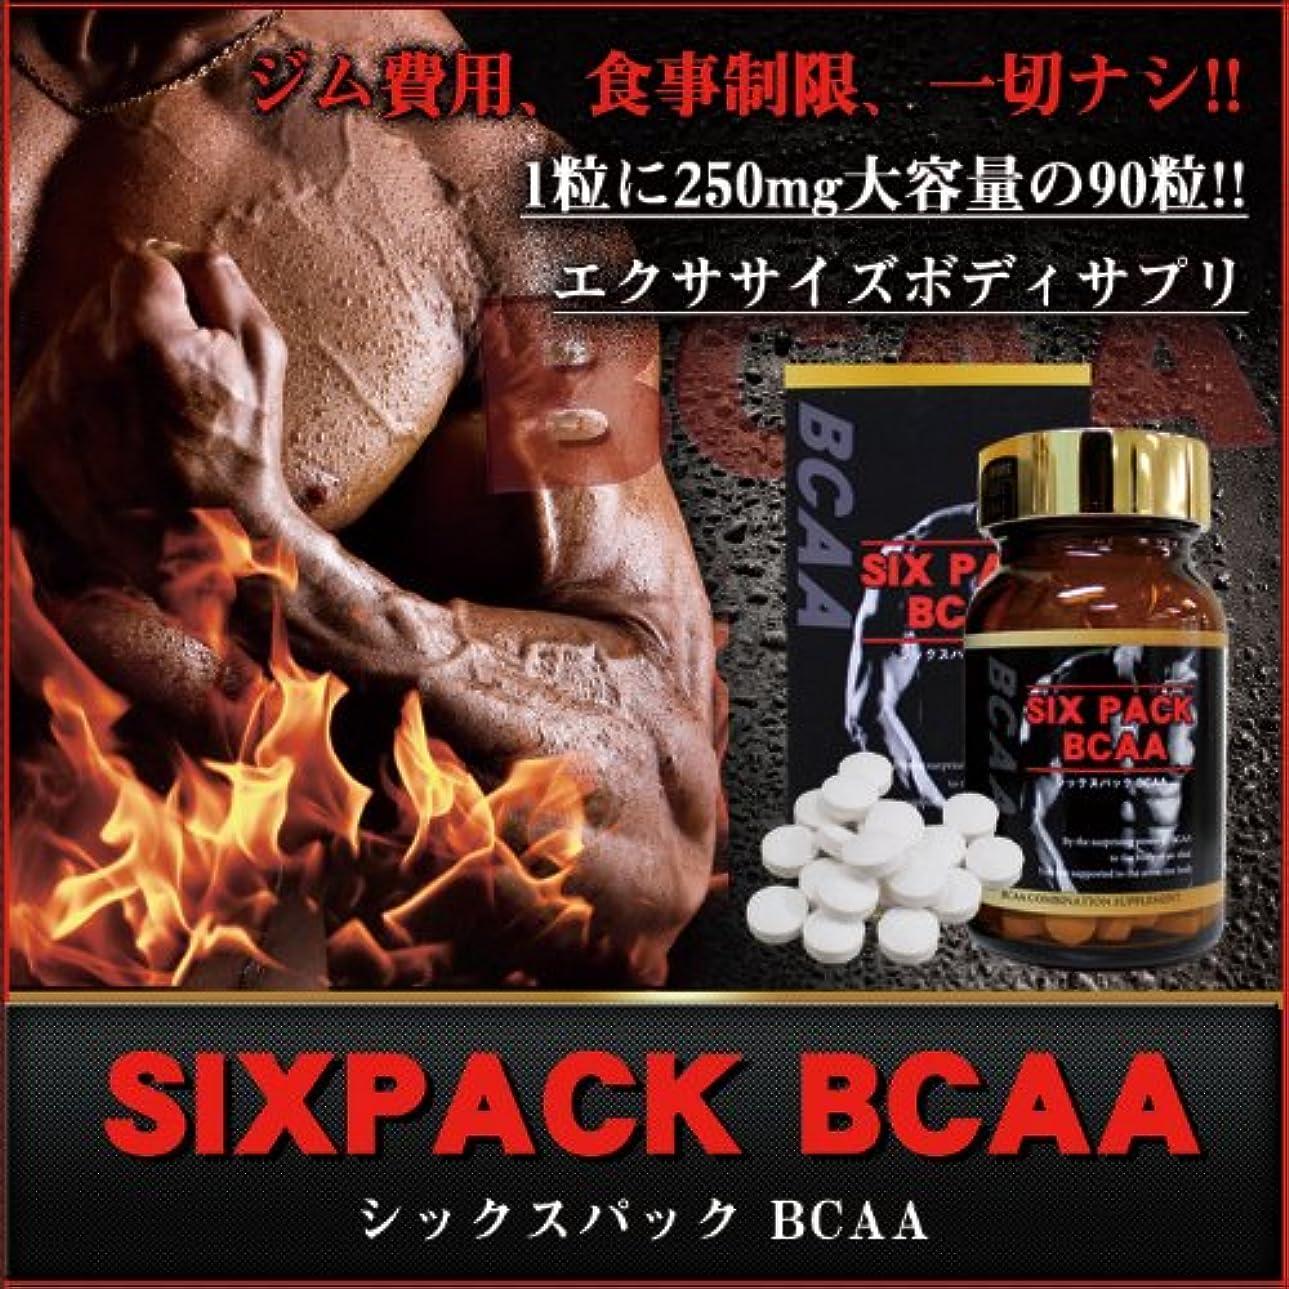 満足精通したスキャンダルシックスパックBCAA (バリン+ロイシン+イソロイシン配合エクササイズボディサプリ)